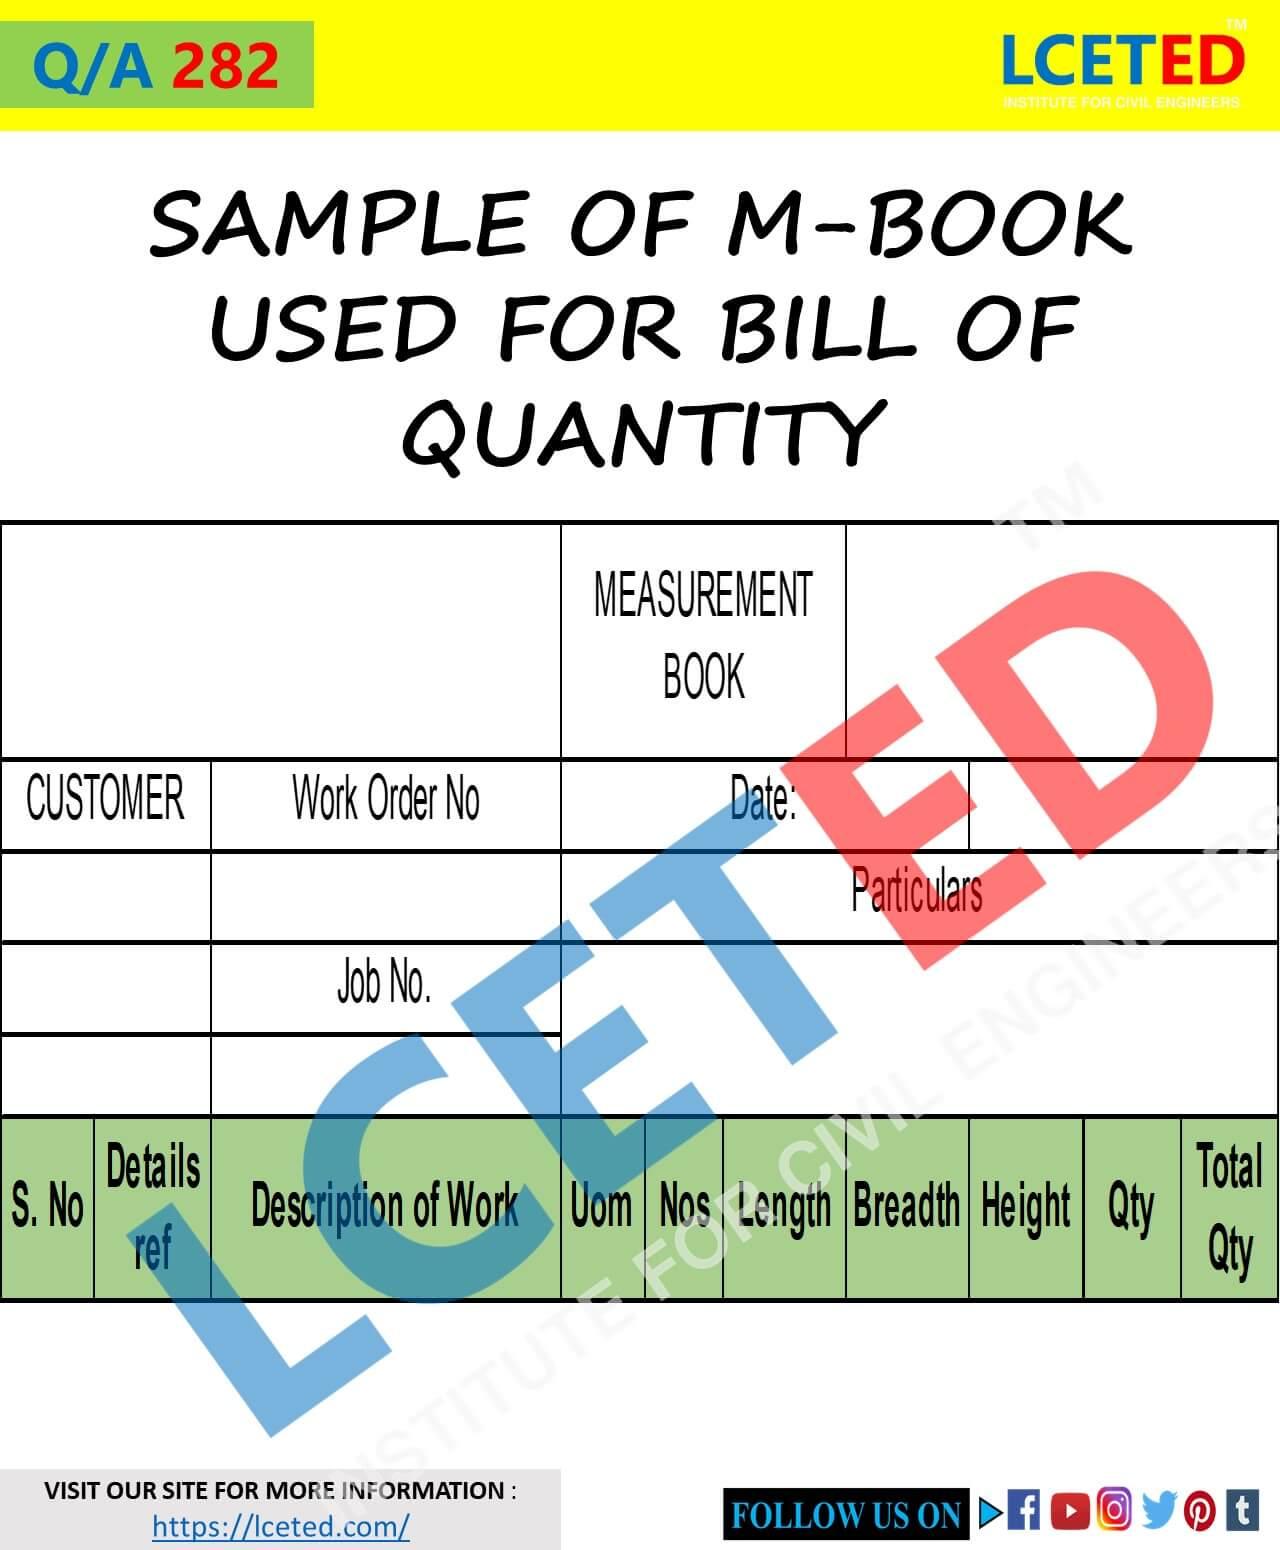 SAMPLE OF M-BOOK